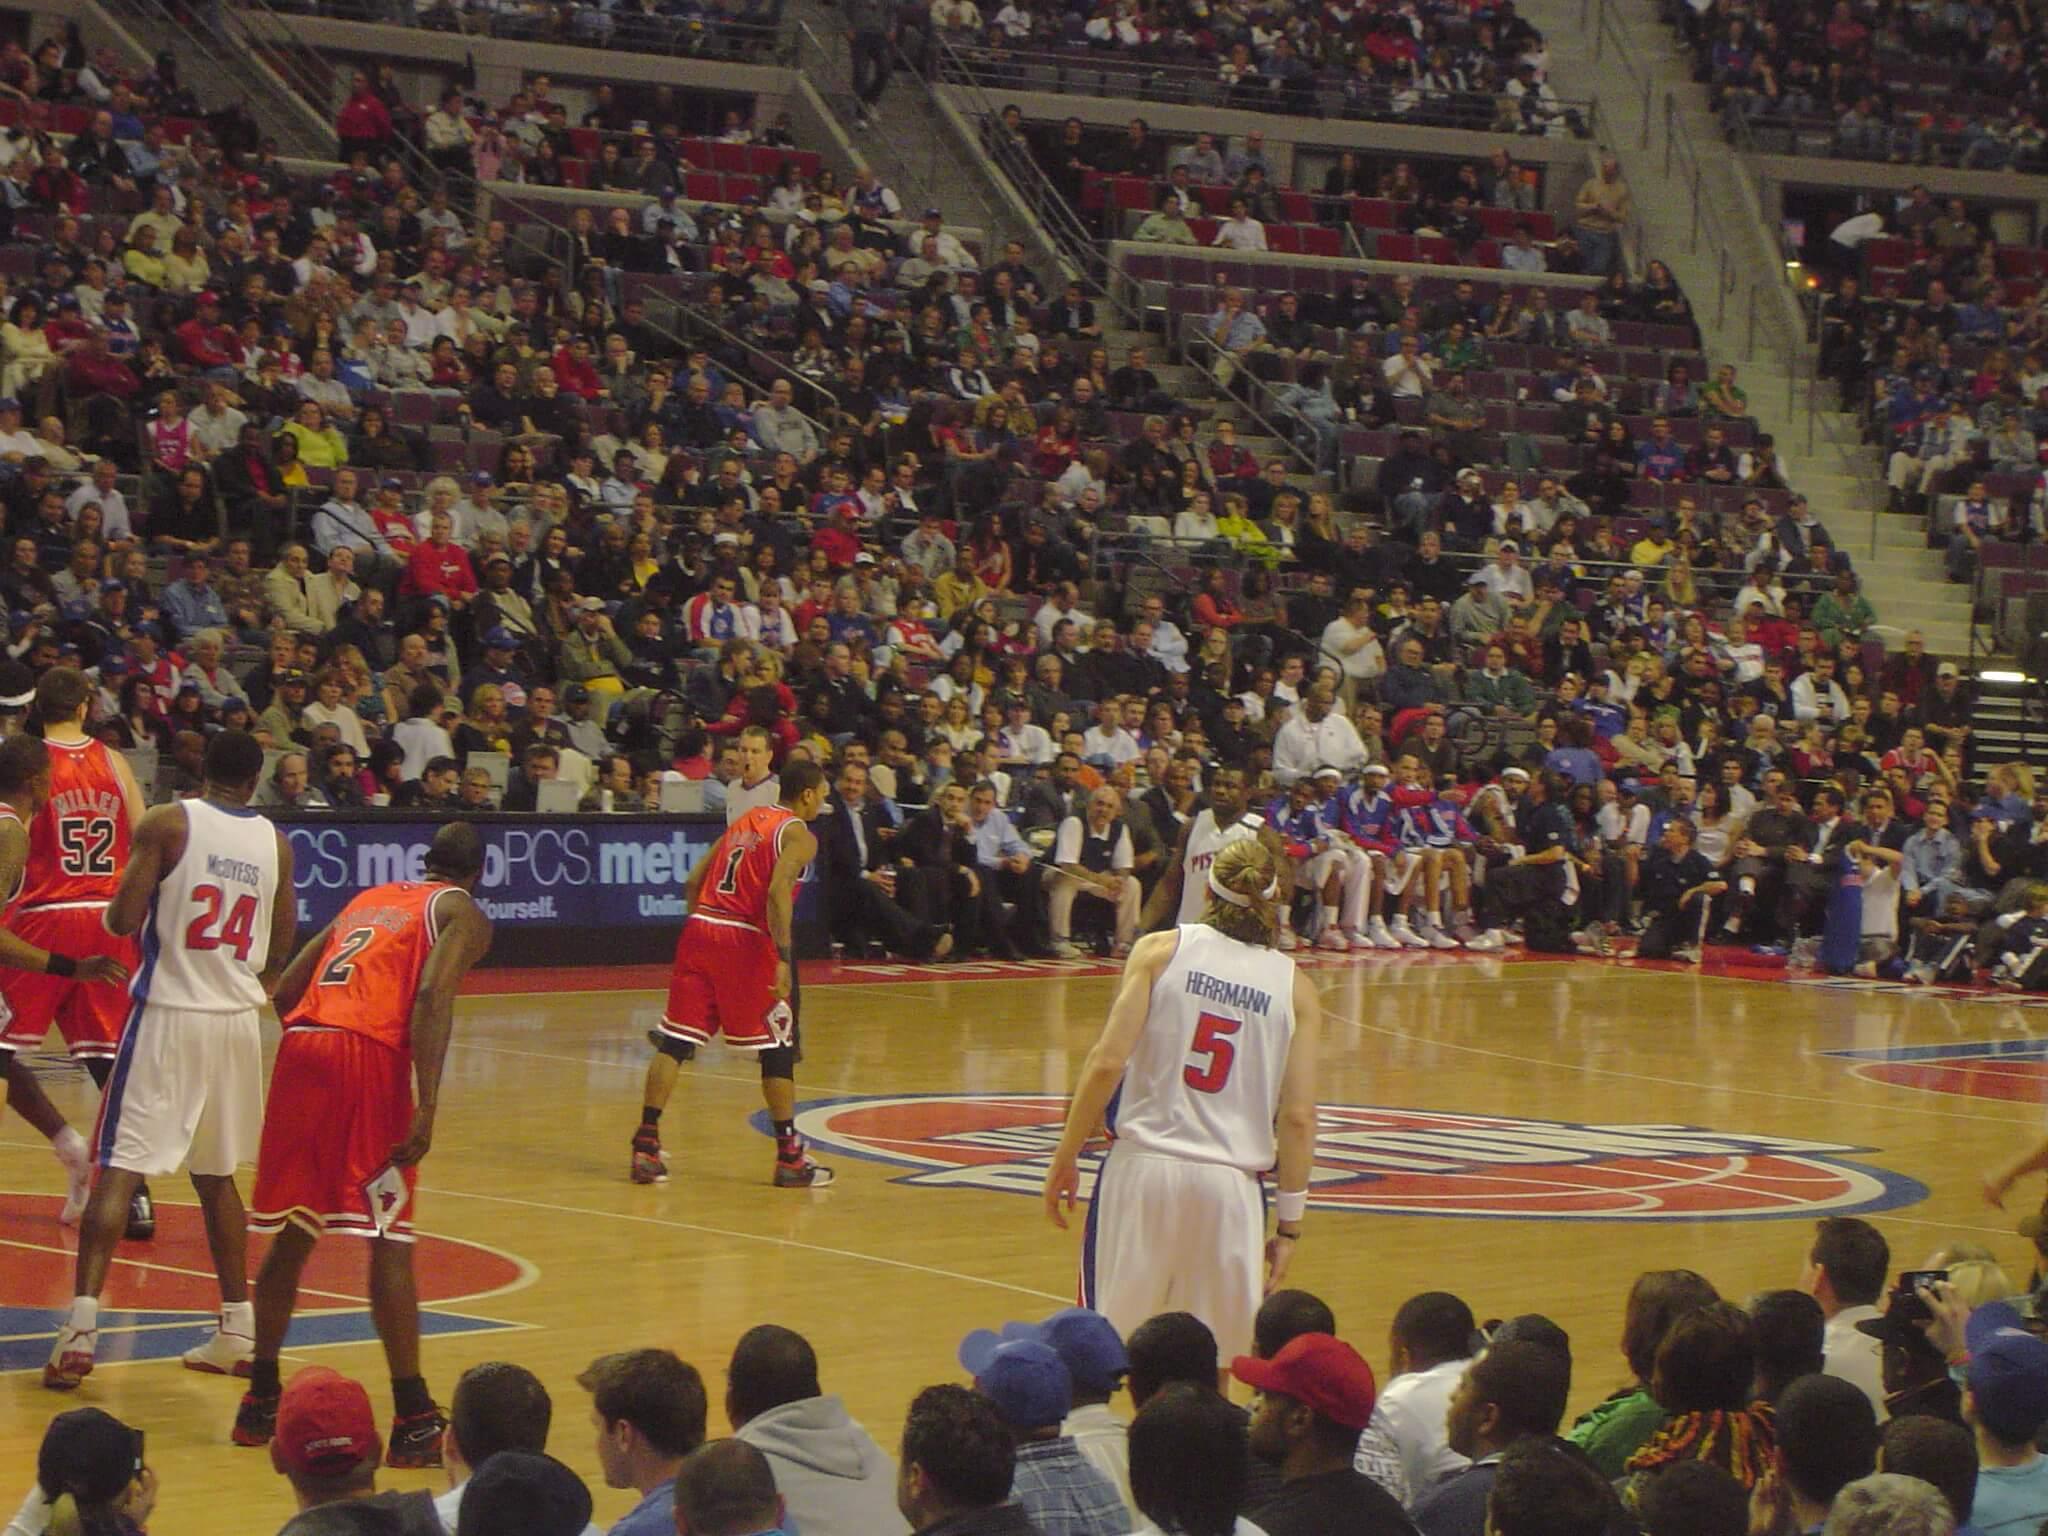 Detroit Pistons vs Chicago Bulls NBA basketball rivalry